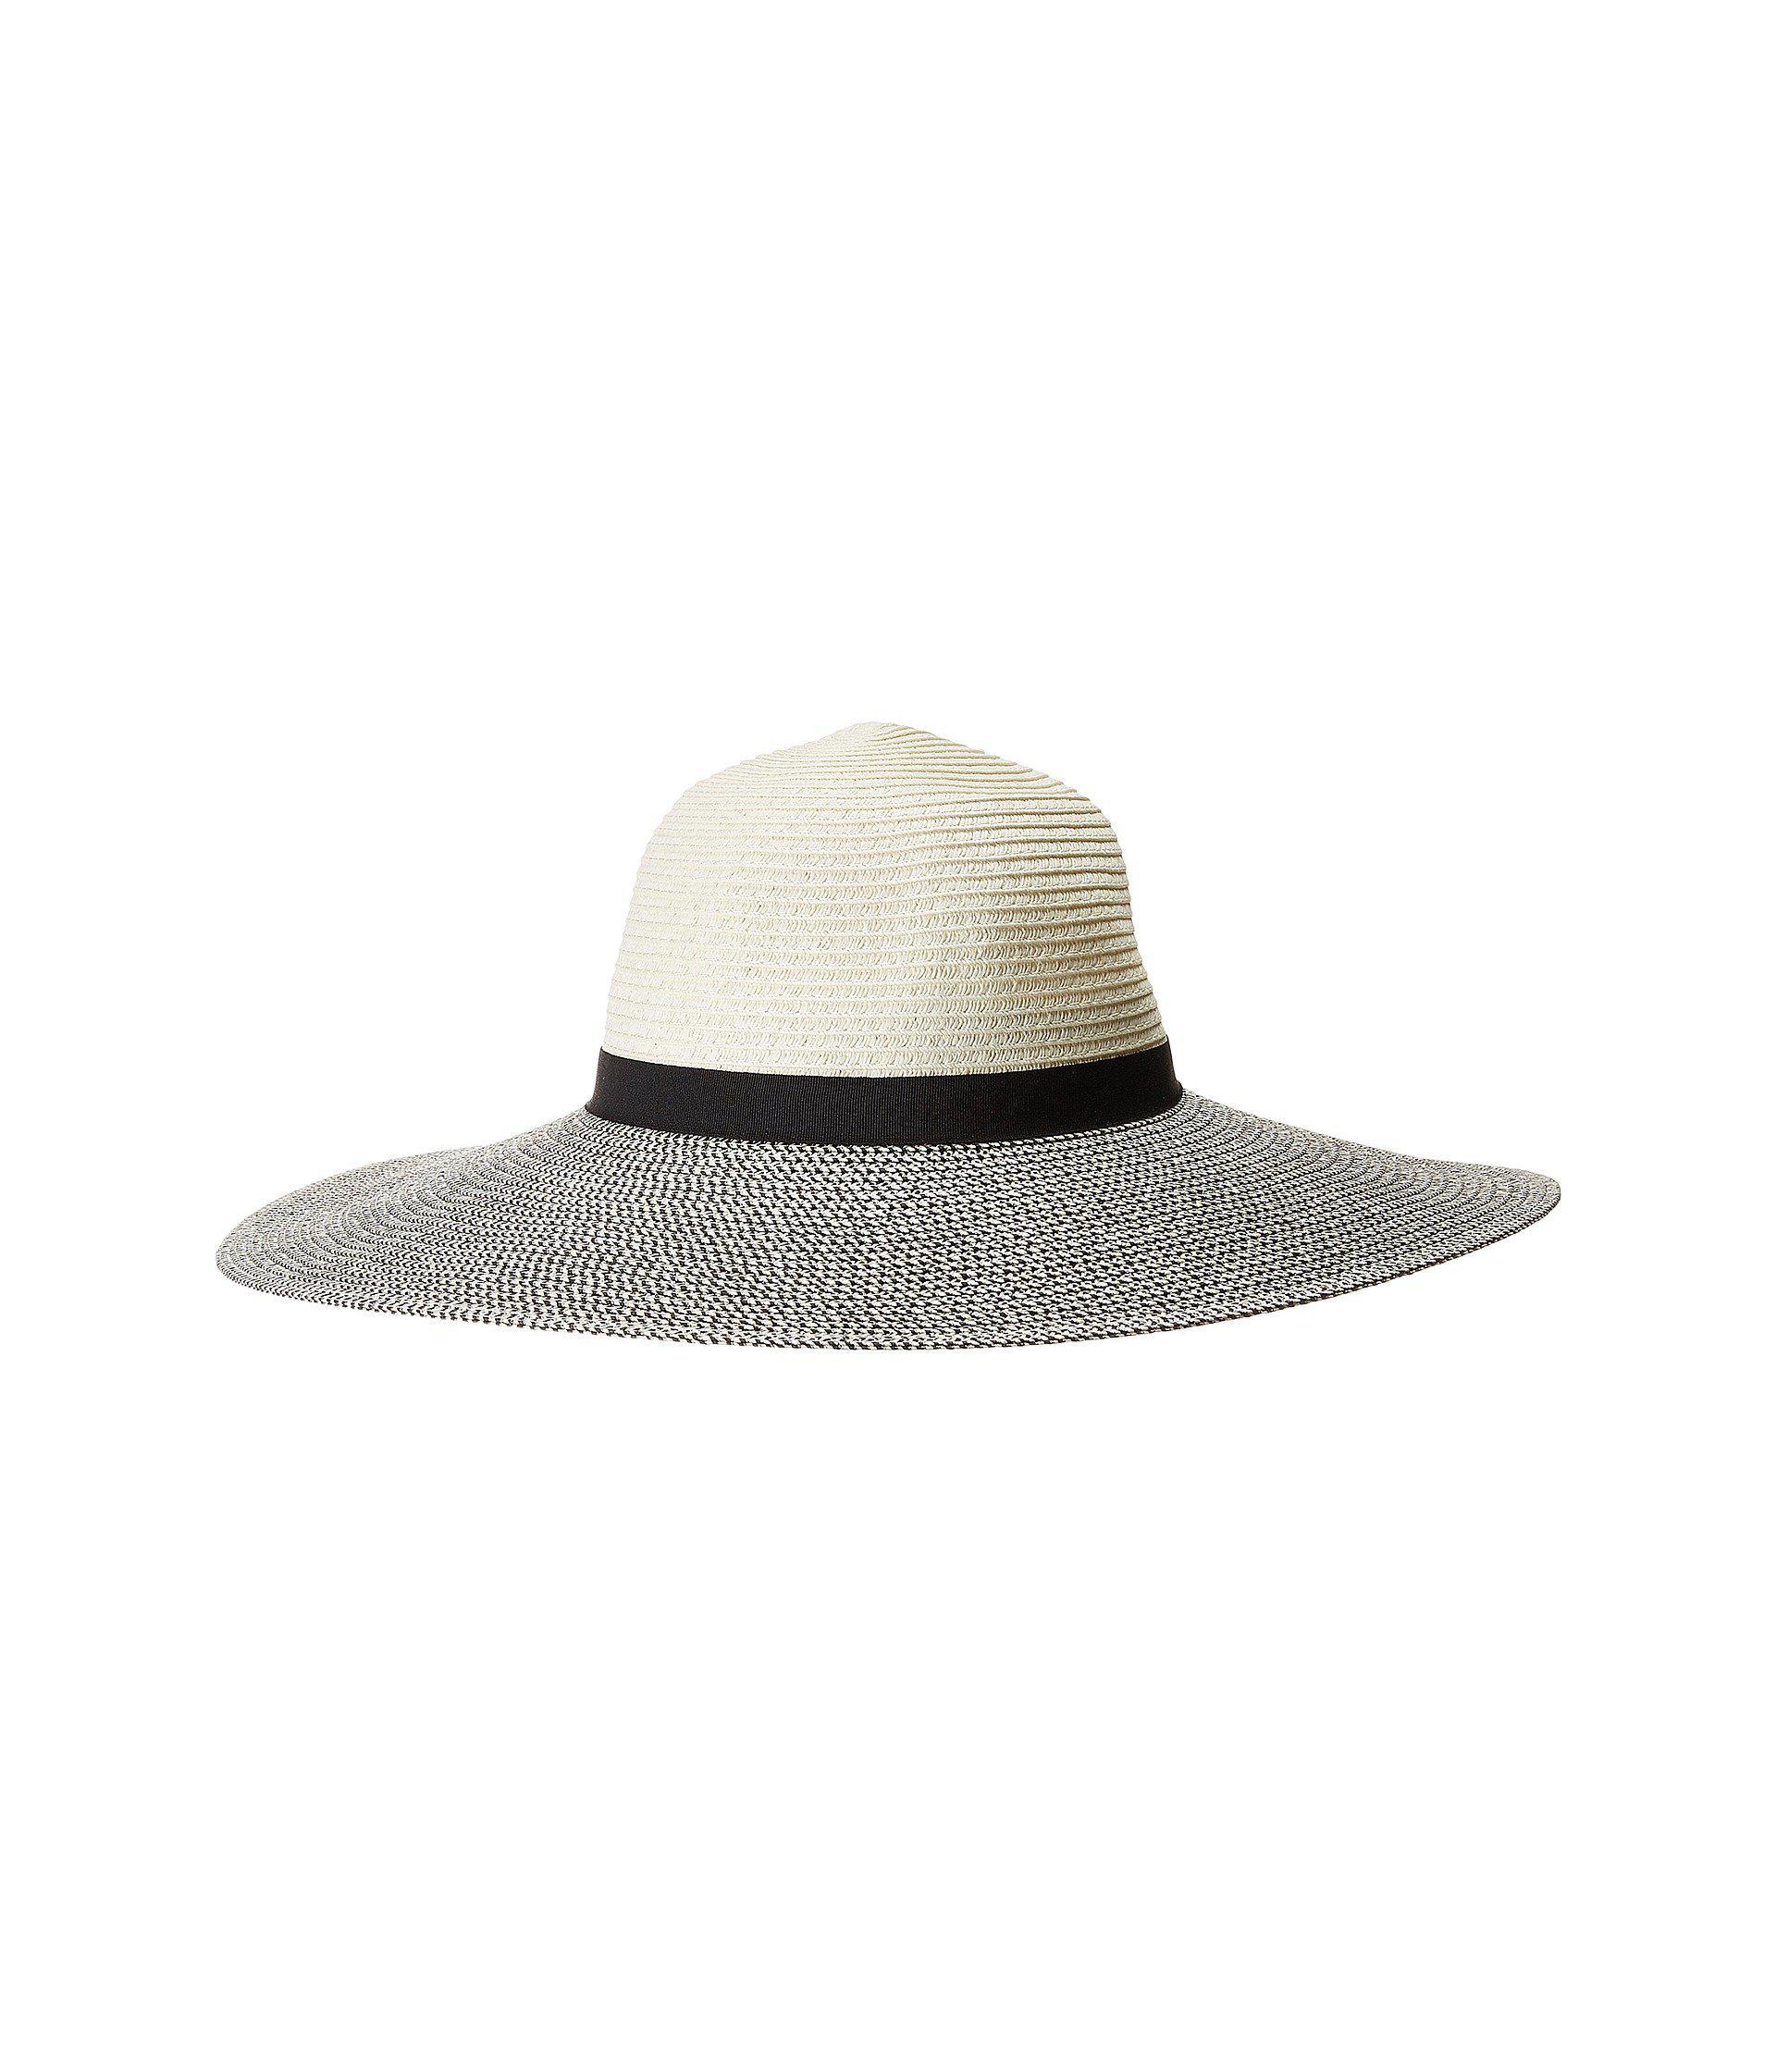 0a7d50ca Lyst - Calvin Klein Metallic Woven-brim Floppy Hat in Gray